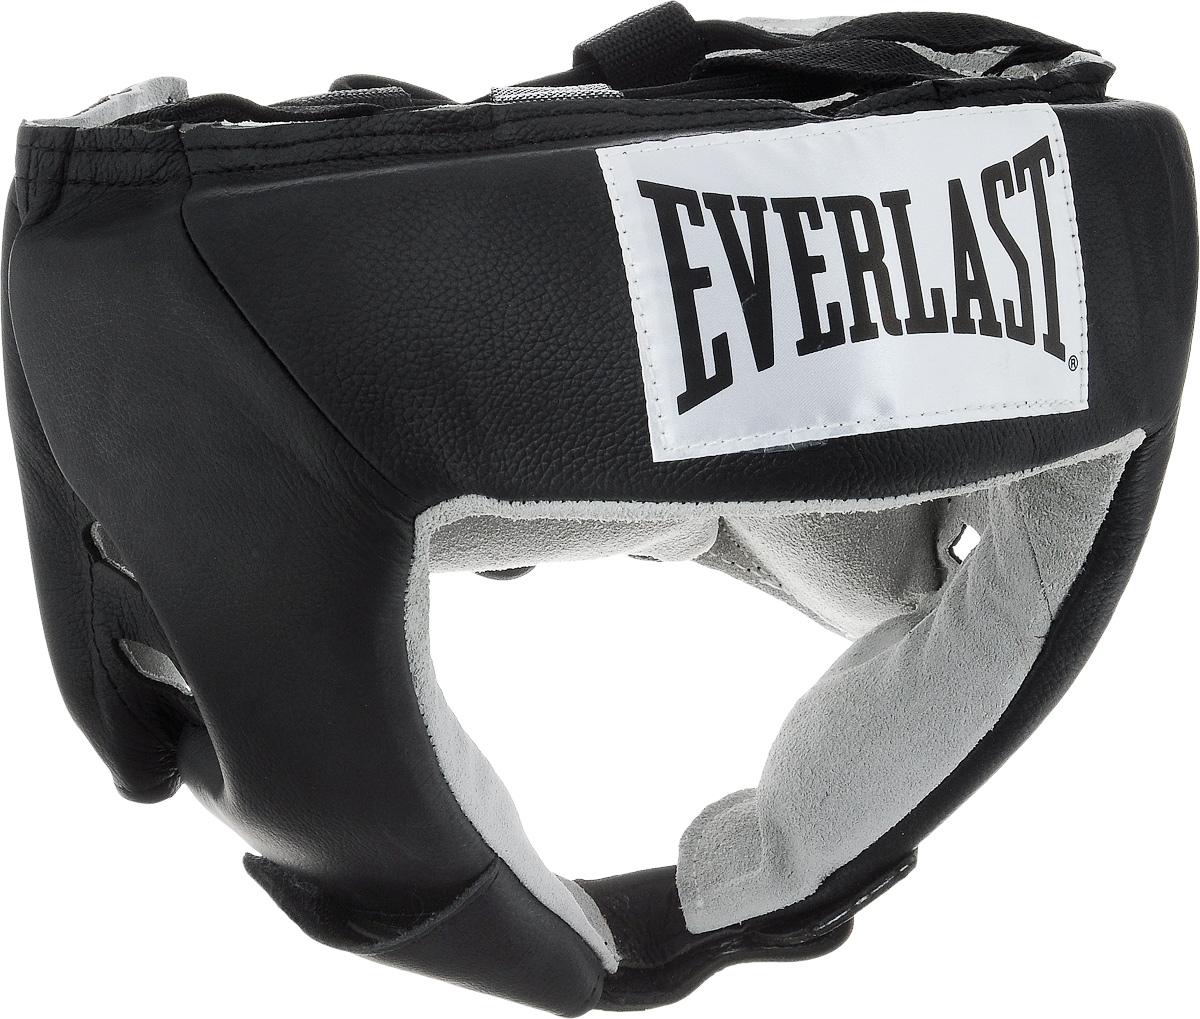 Шлем боксерский Everlast USA Boxing, цвет: черный, белый. Размер XL610601UEverlast USA Boxing - боксерский шлем, разработанный для выступления на любительских соревнованиях и одобренный ассоциацией USA Boxing. Плотный четырехслойный пенный наполнитель превосходно амортизирует удары и значительно снижает риск травмы. Качественная натуральная кожа (снаружи) и не менее качественная замша (внутри) обеспечивают значительный запас прочности и отличную износоустойчивость. Подгонка под необходимый размер и фиксация на голове происходят за счет затягивающихся шнурков.Если вы еще ищите шлем для предстоящих соревнований, то Everlast USA Boxing - это ваш выбор!Диаметр головы: 21 см.